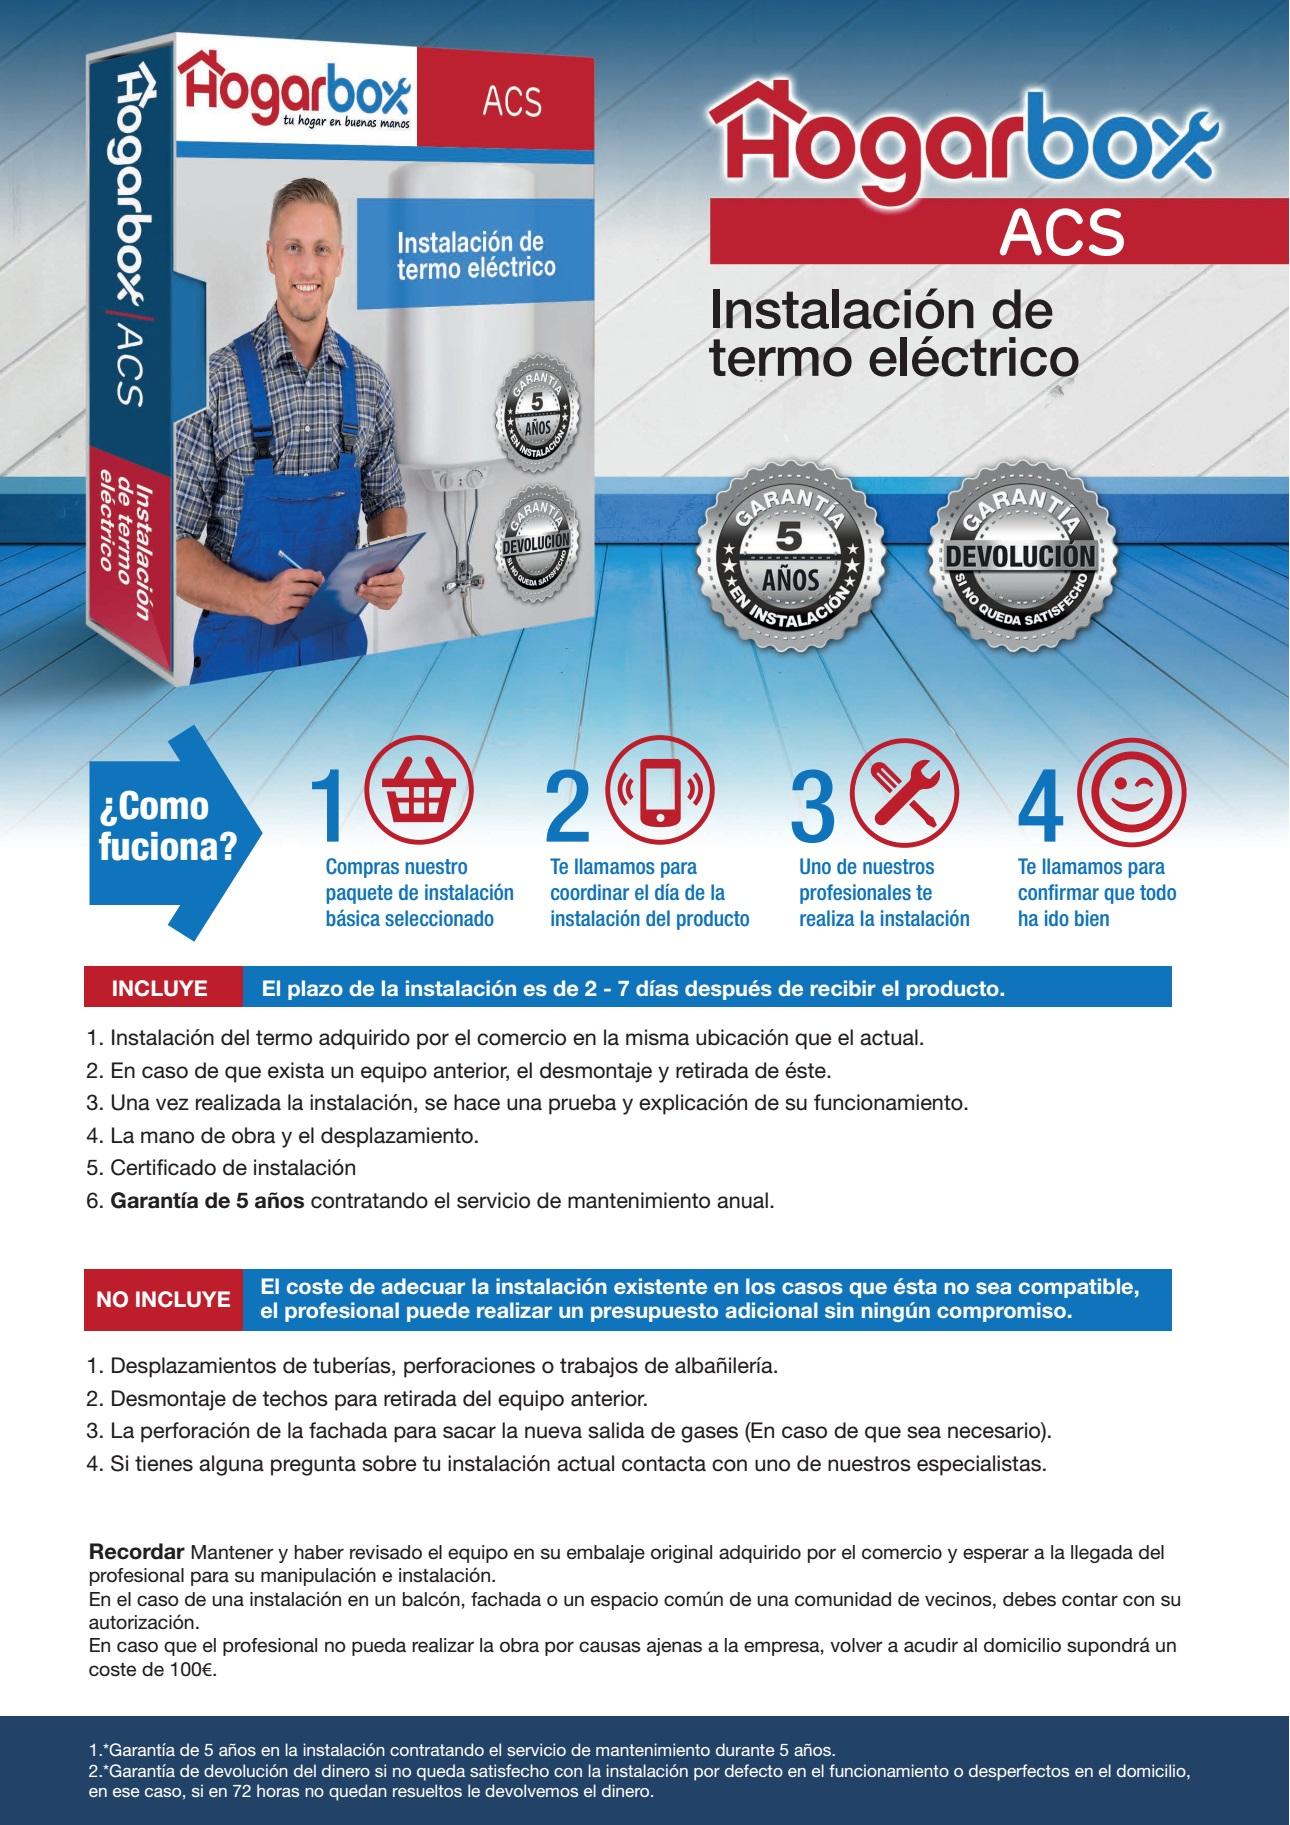 hogarbox acs precio instalaci n termo el ctrico ForInstalacion Termo Electrico Precio